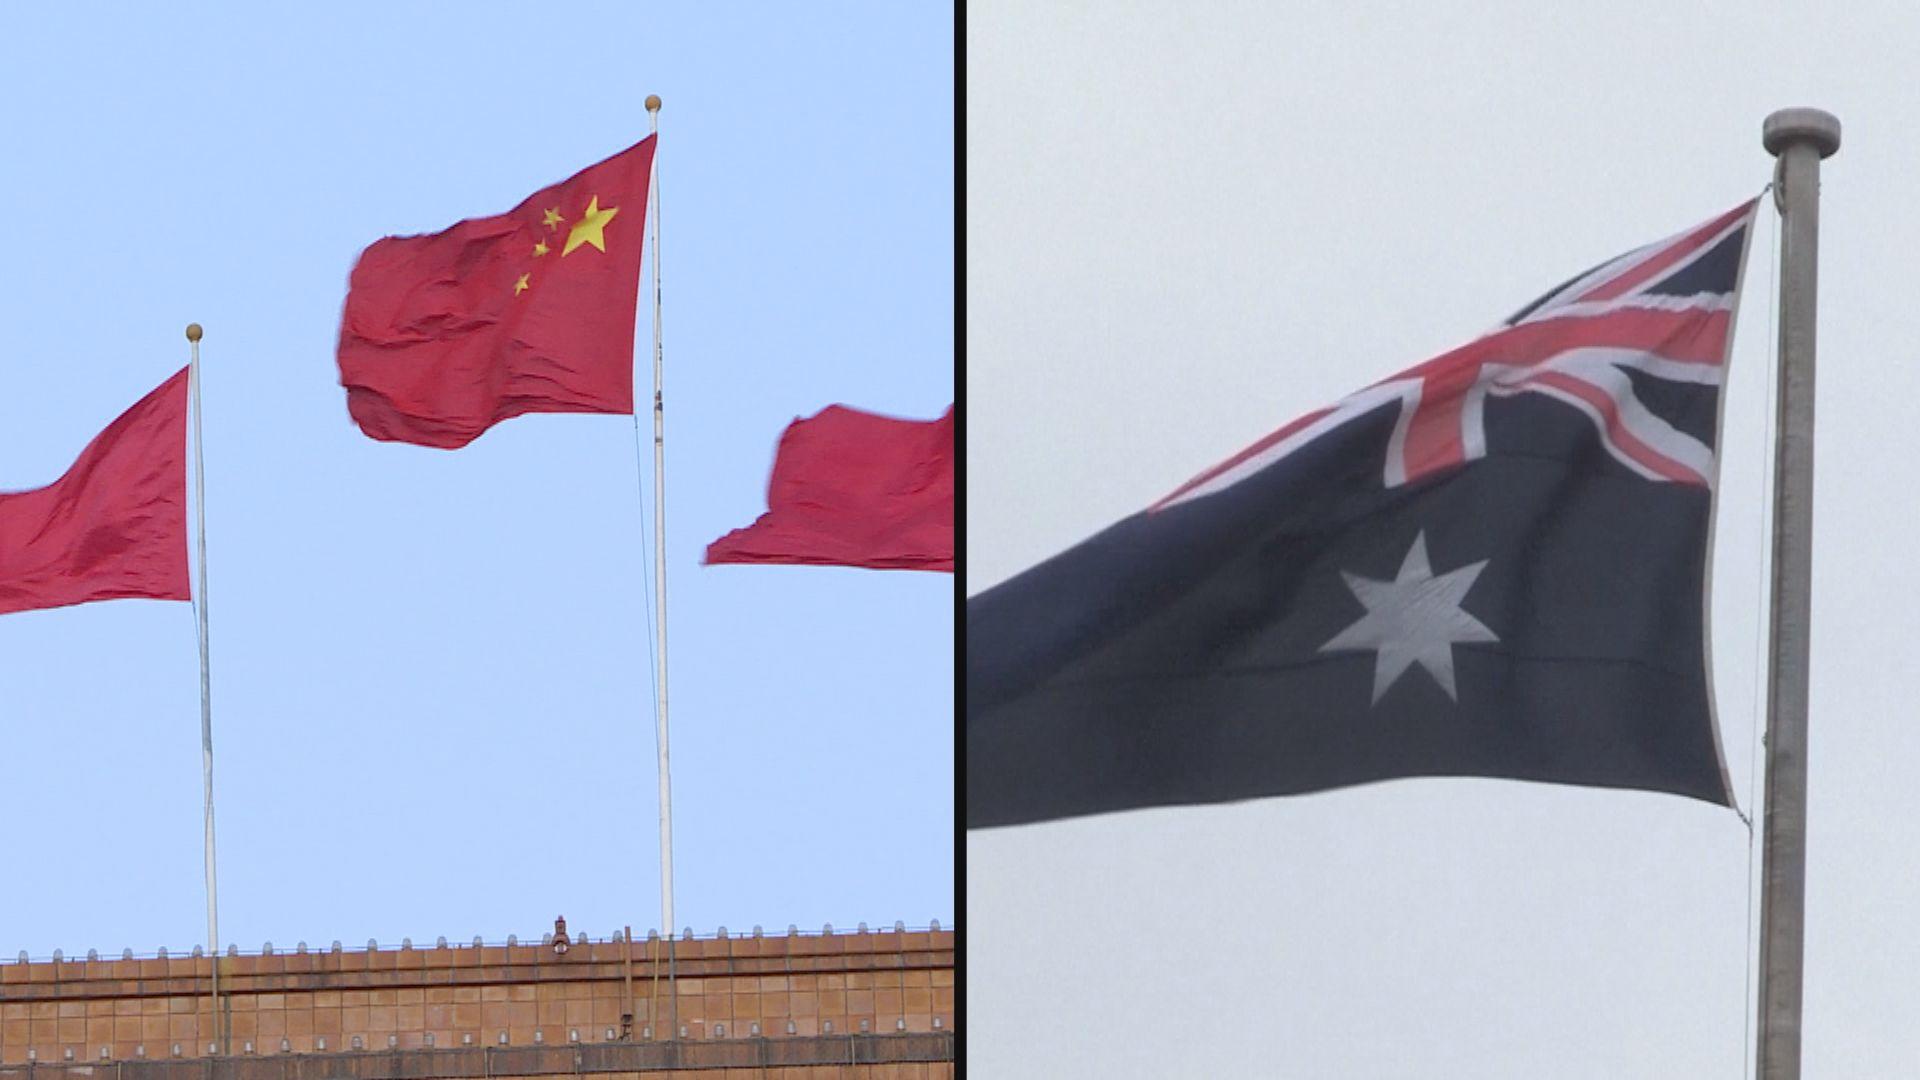 美國稱若中國不停止經濟脅迫澳洲 將不會改善與其關係